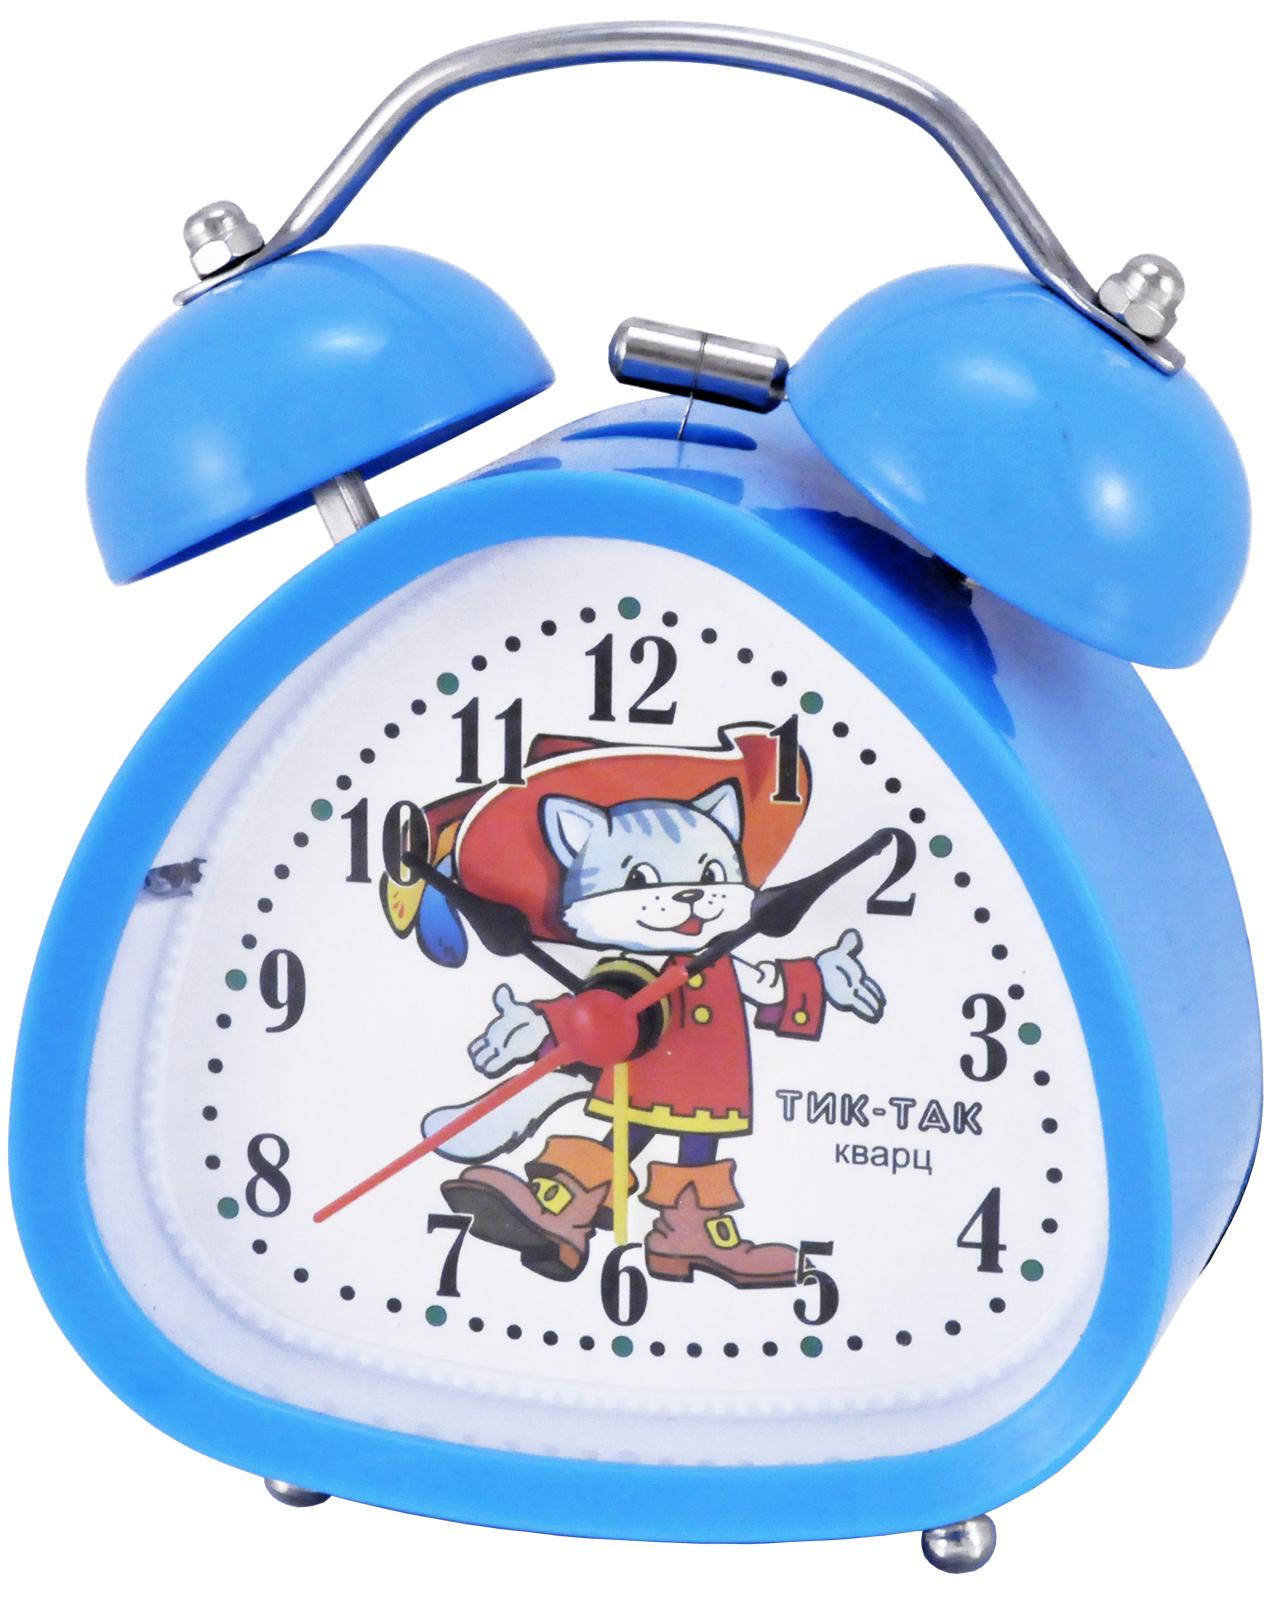 Будильник Тик-Так Б-850, голубой джей гриффитс тик так взгляд на время со стороны